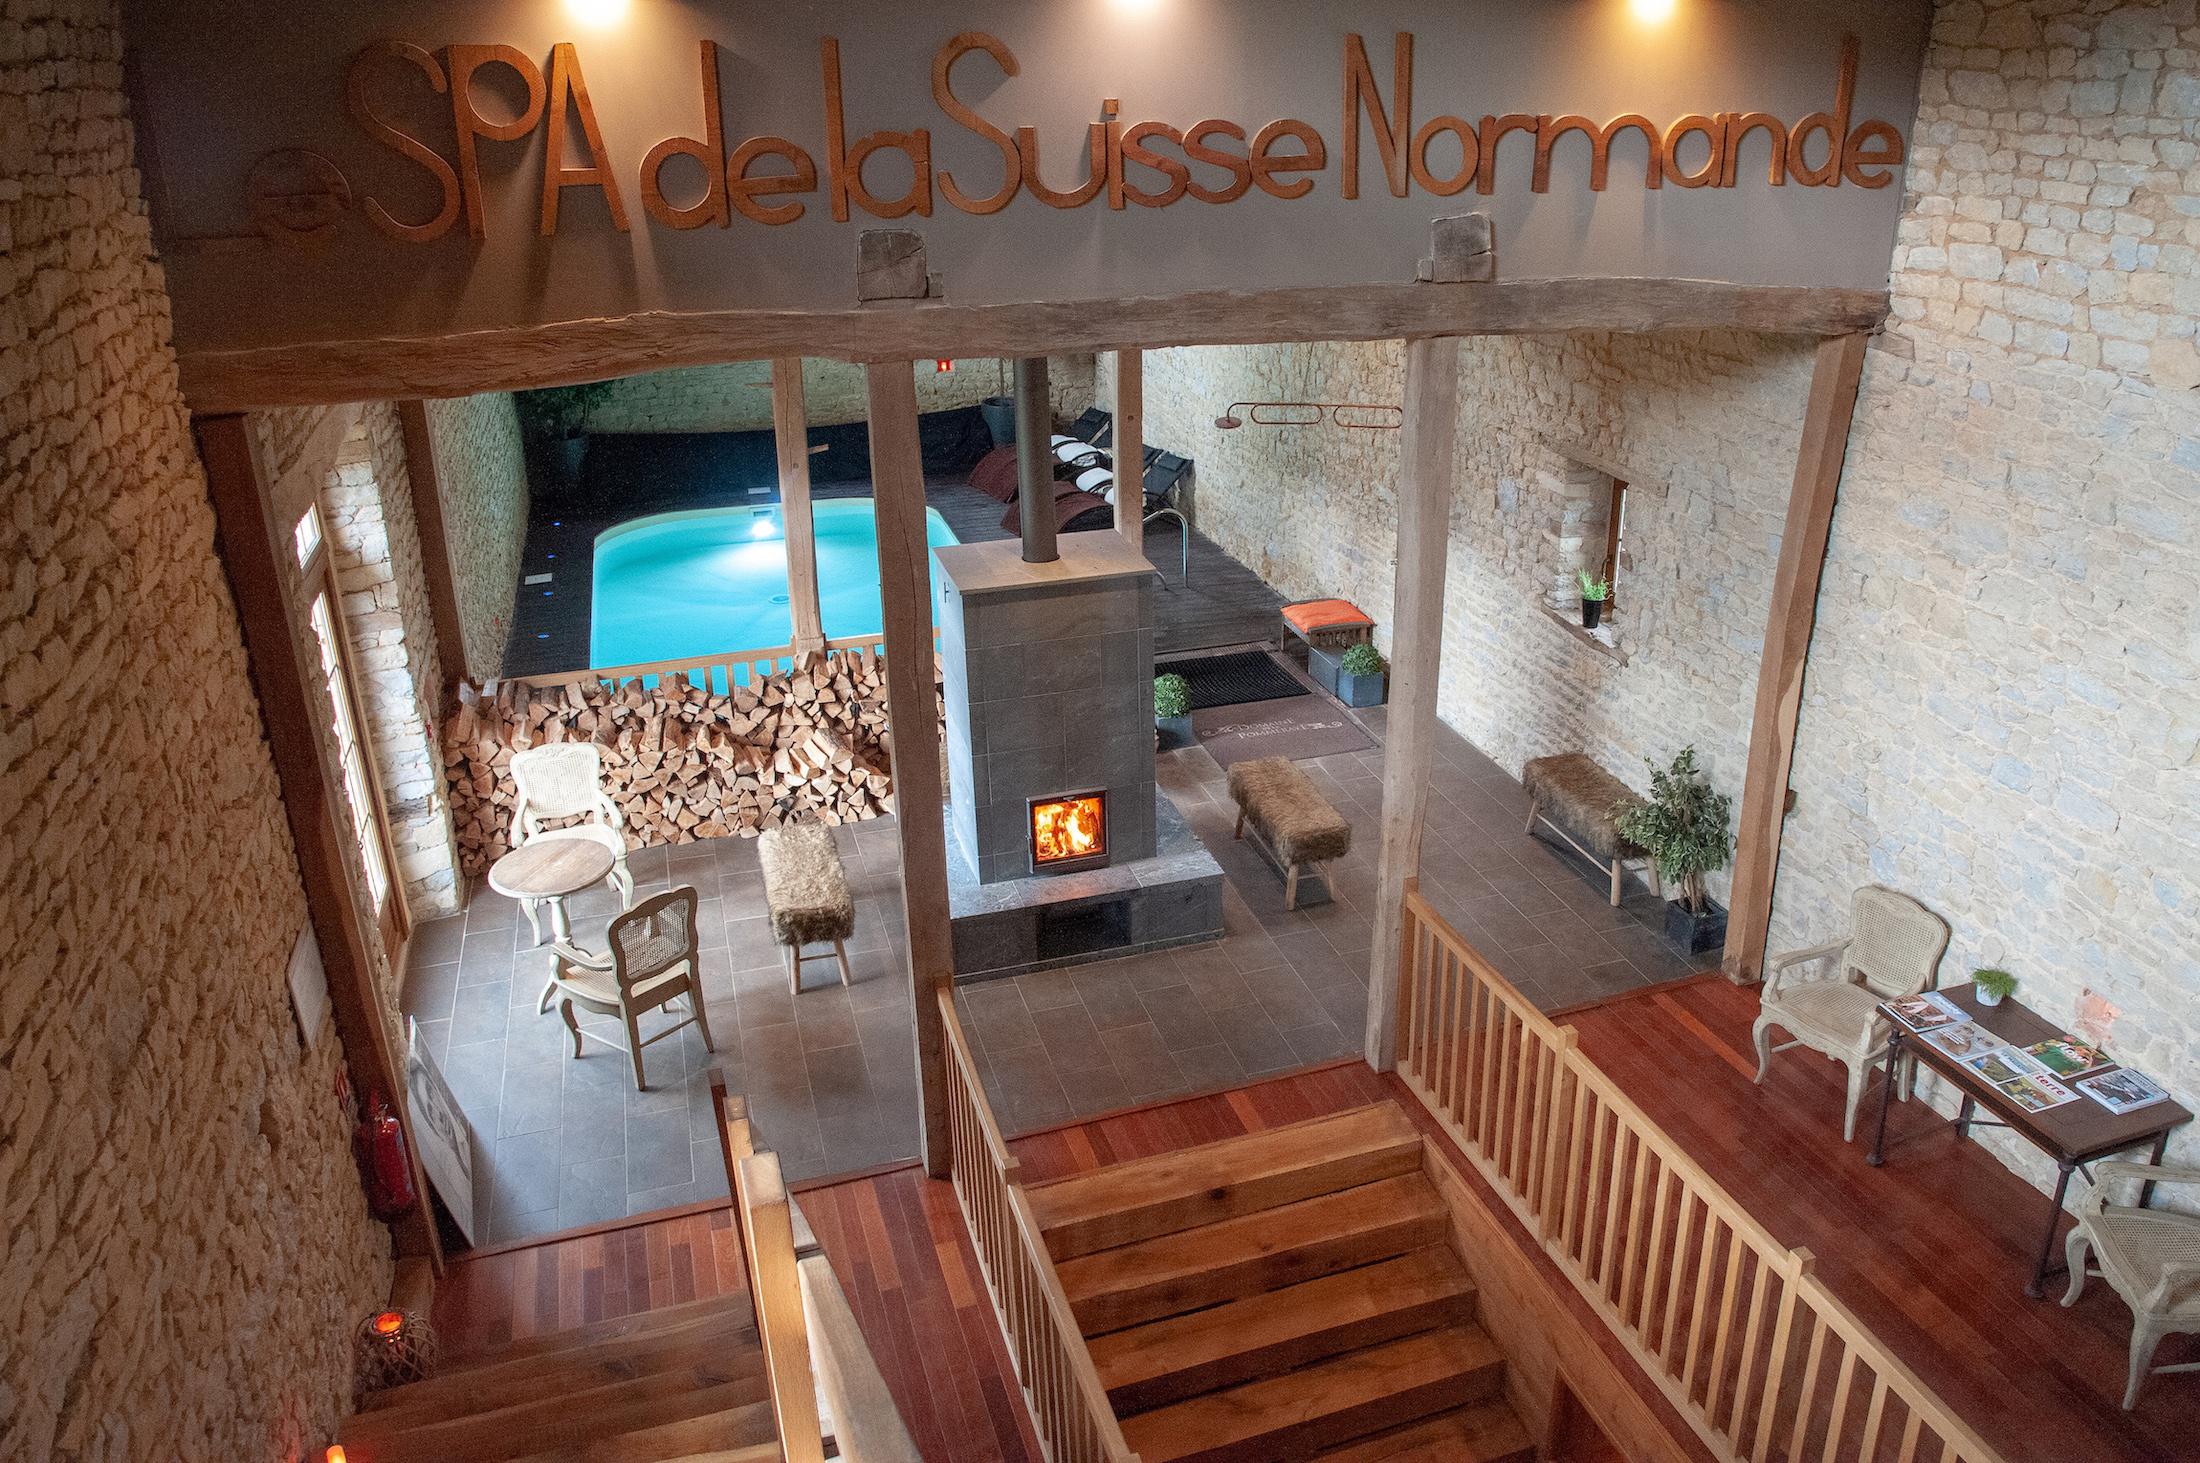 Le spa du Domaine de la Pommeraye, Normandie